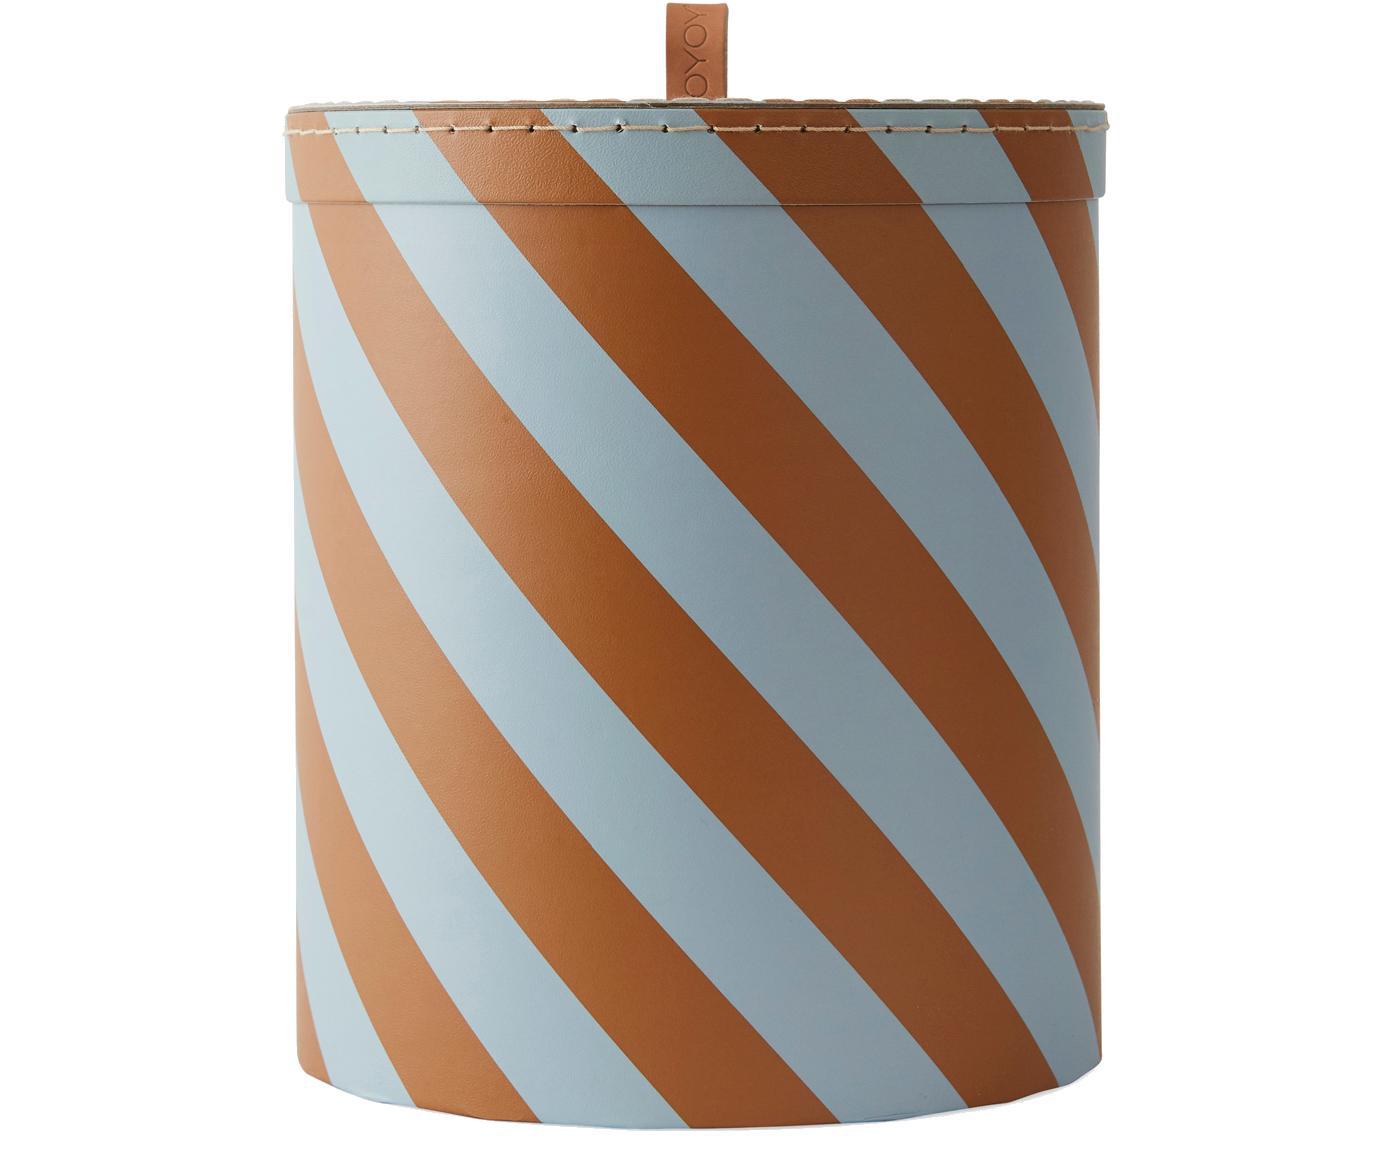 Scatola Cecila, Cartone, pelle, Blu, marrone, Ø 23 x Alt. 26 cm